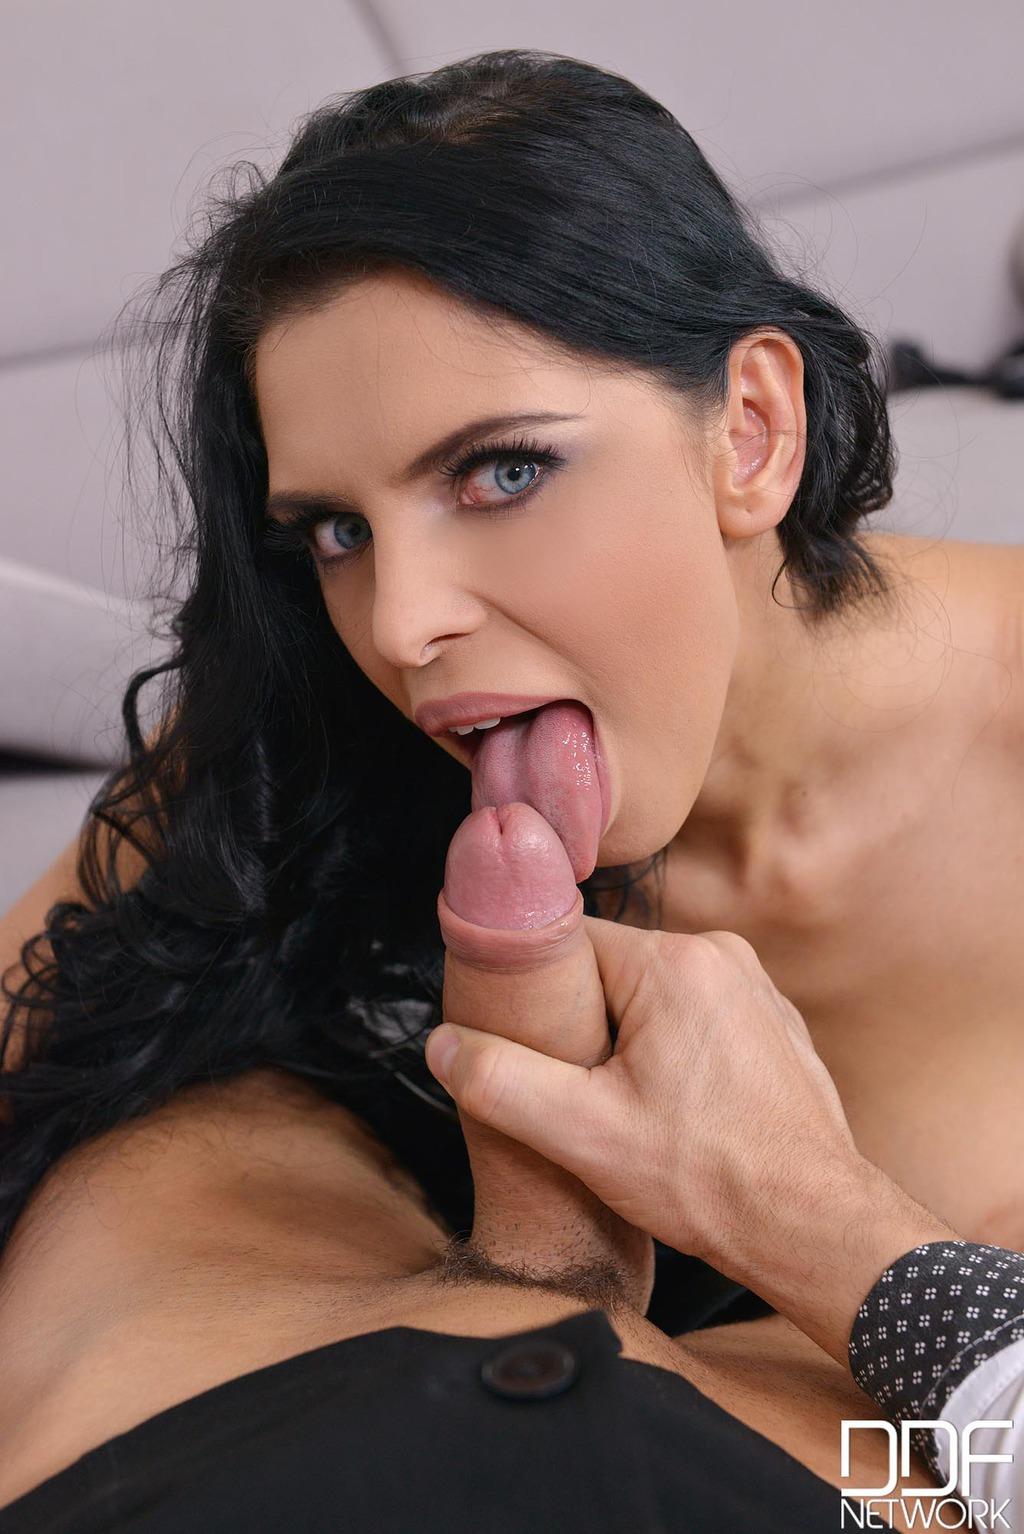 kira-porno-aktrisa